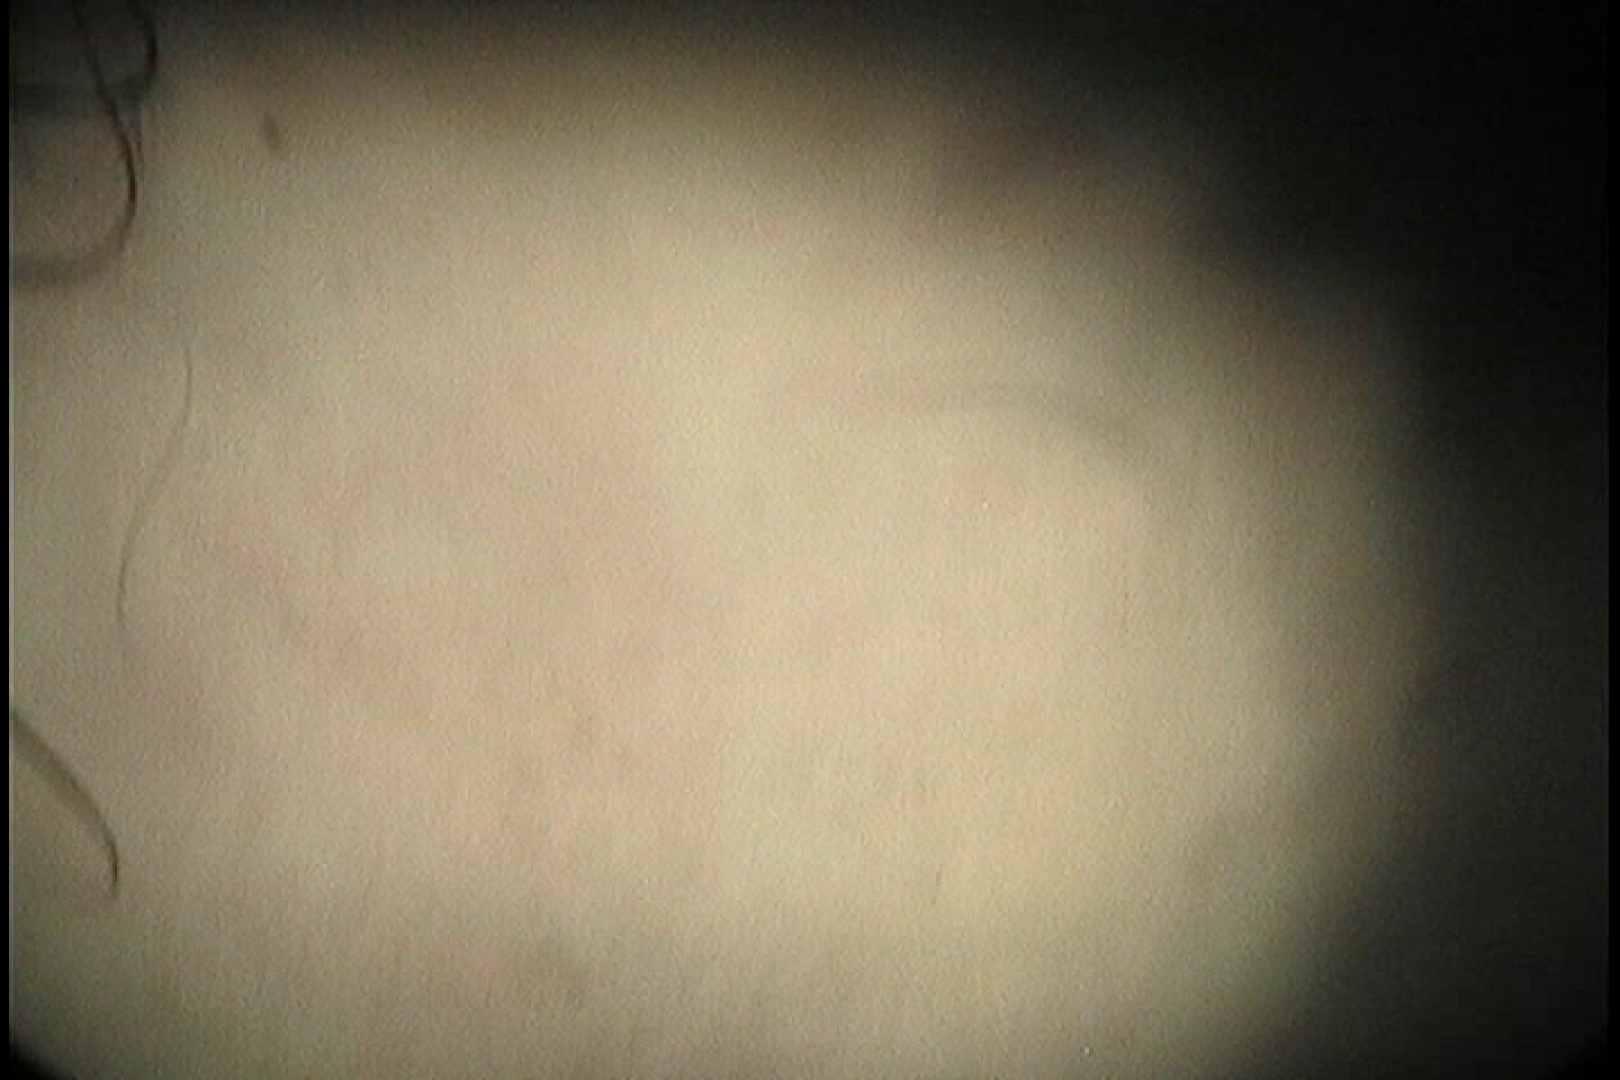 ハメ撮り|No.24 ビキニの割には陰毛は獰猛、ハミ毛が心配|のぞき本舗 中村屋